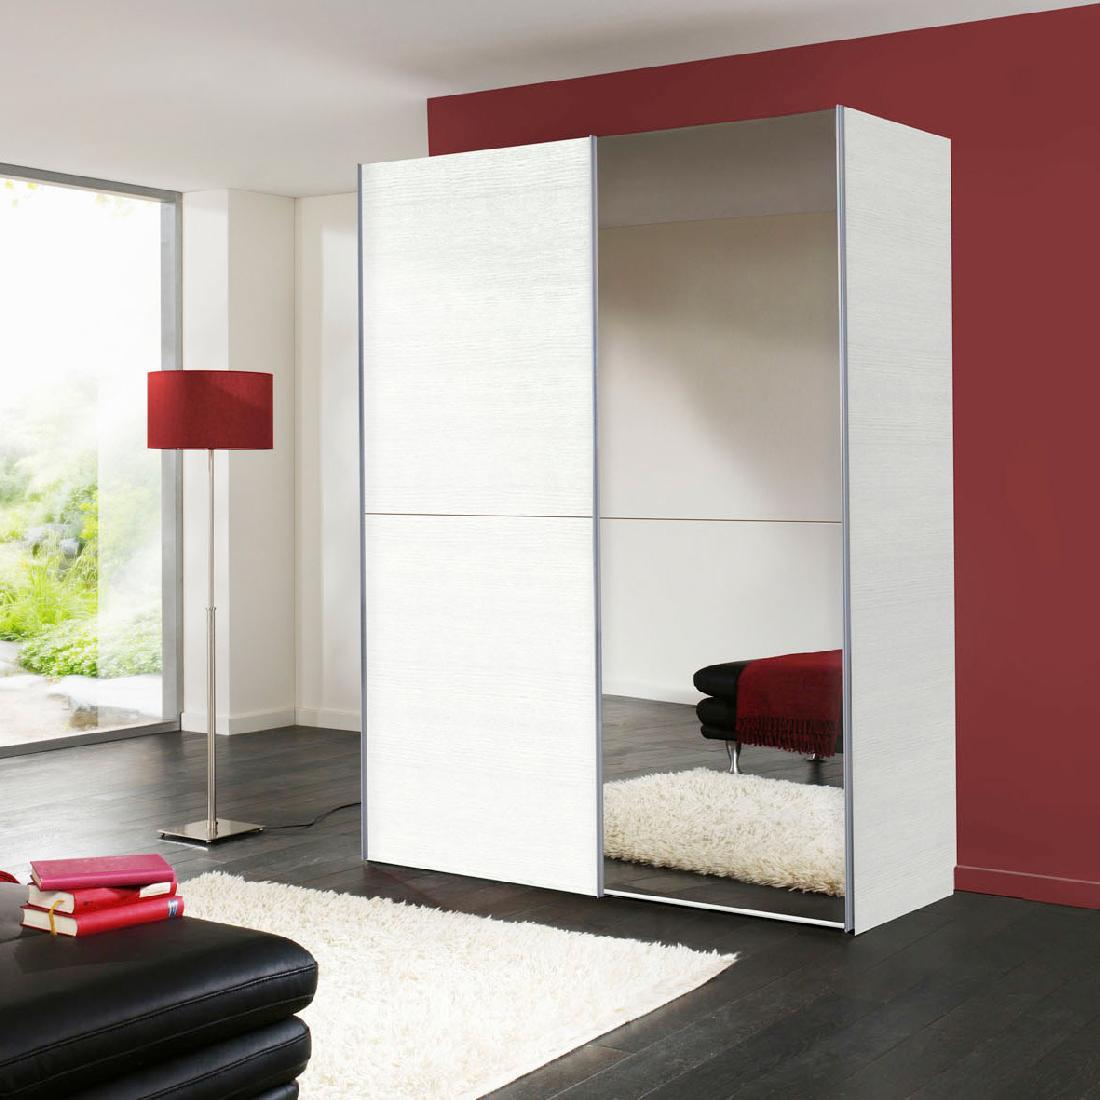 Kleiderschrank weiß mit spiegel  Schrank Weiß Spiegel | gispatcher.com